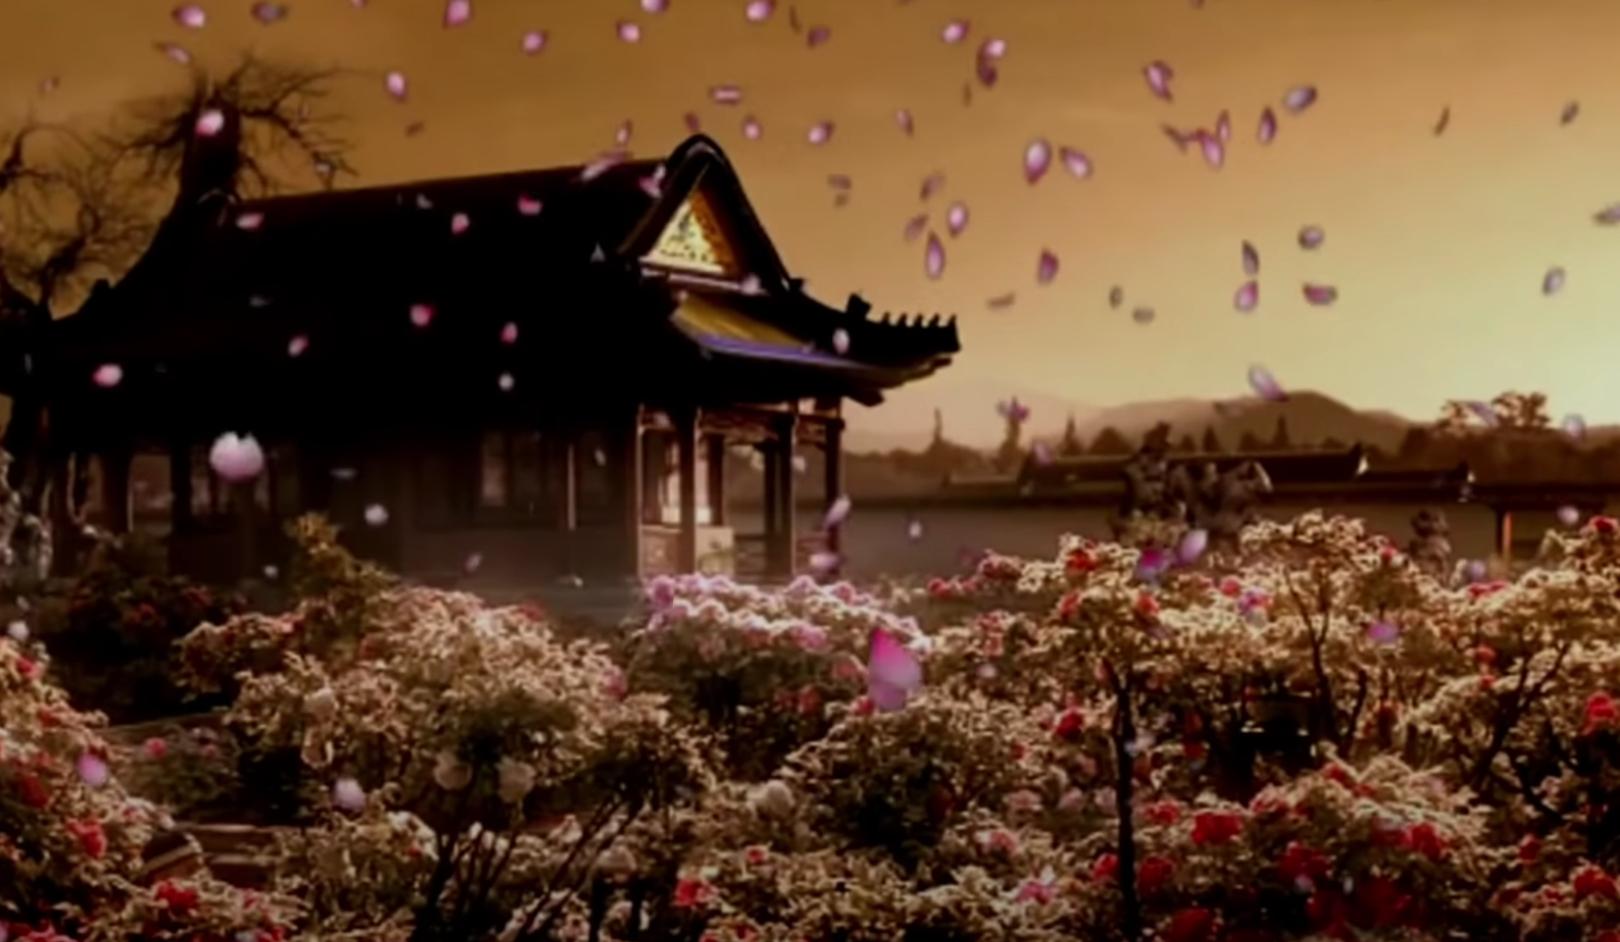 Ngày Trương Đạo Lăng chào đời, mây vàng bao trùm căn phòng sinh, mây tím tràn ngập đình viện (Ảnh chụp màn hình video)